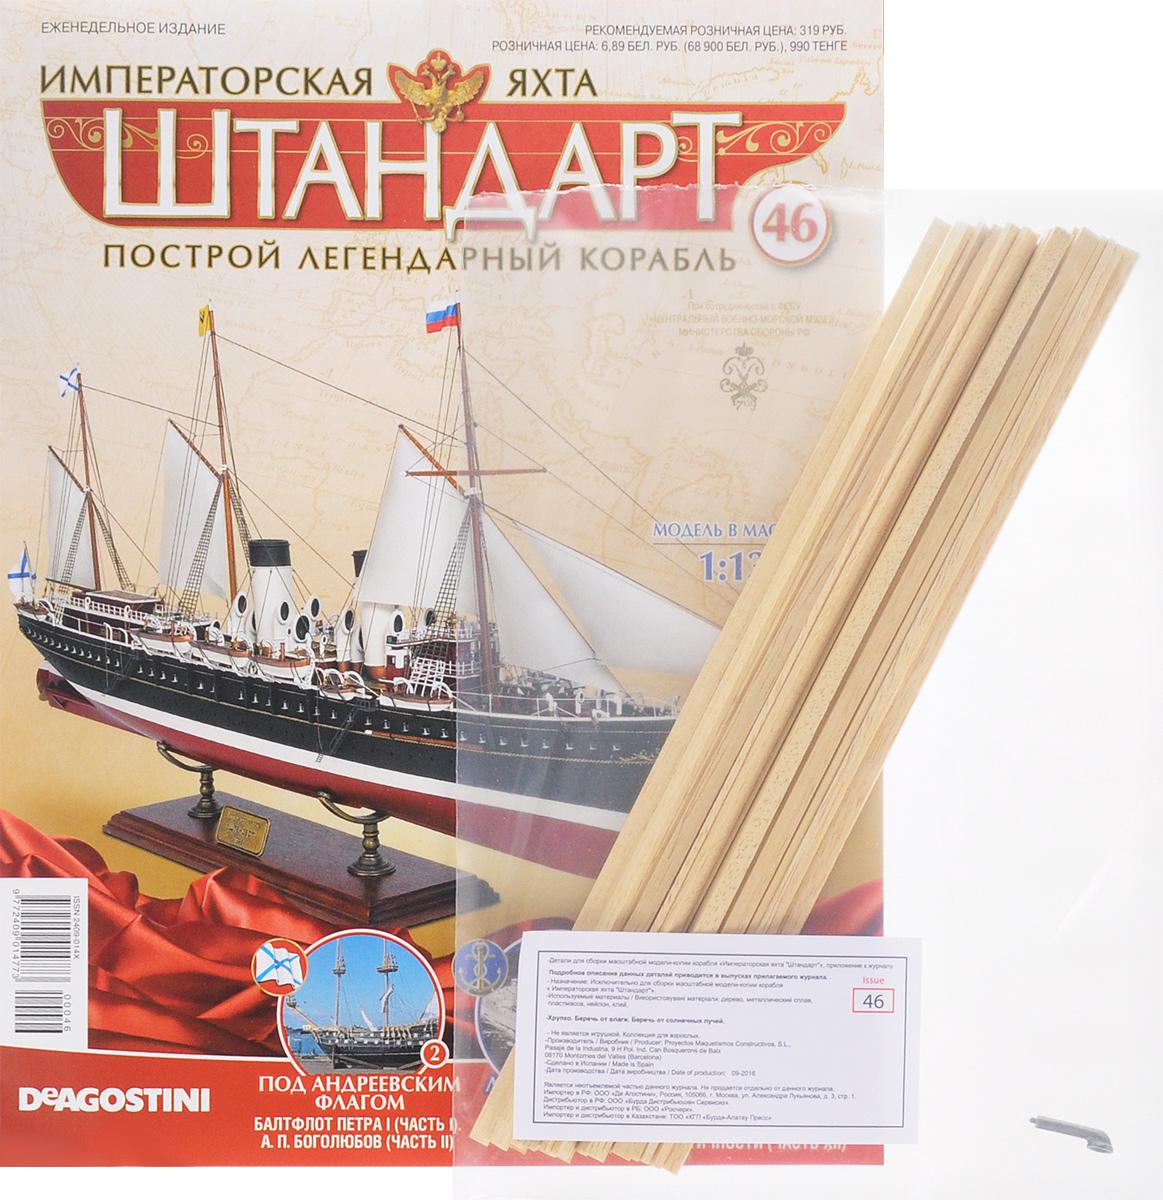 Журнал Императорская яхта Штандарт №46